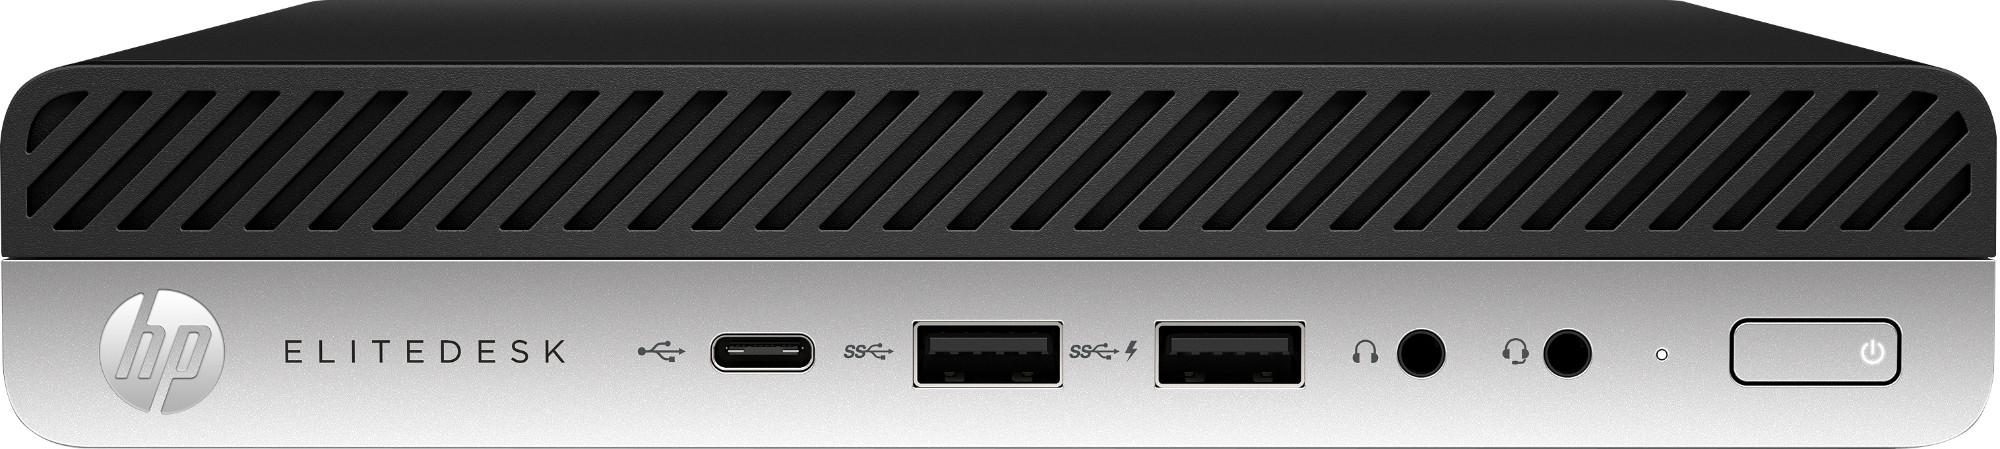 HP EliteDesk 705 G4 7th Generation AMD A10-Series APUs A10-9700E 8 GB  DDR4-SDRAM 500 GB HDD Black Mini PC